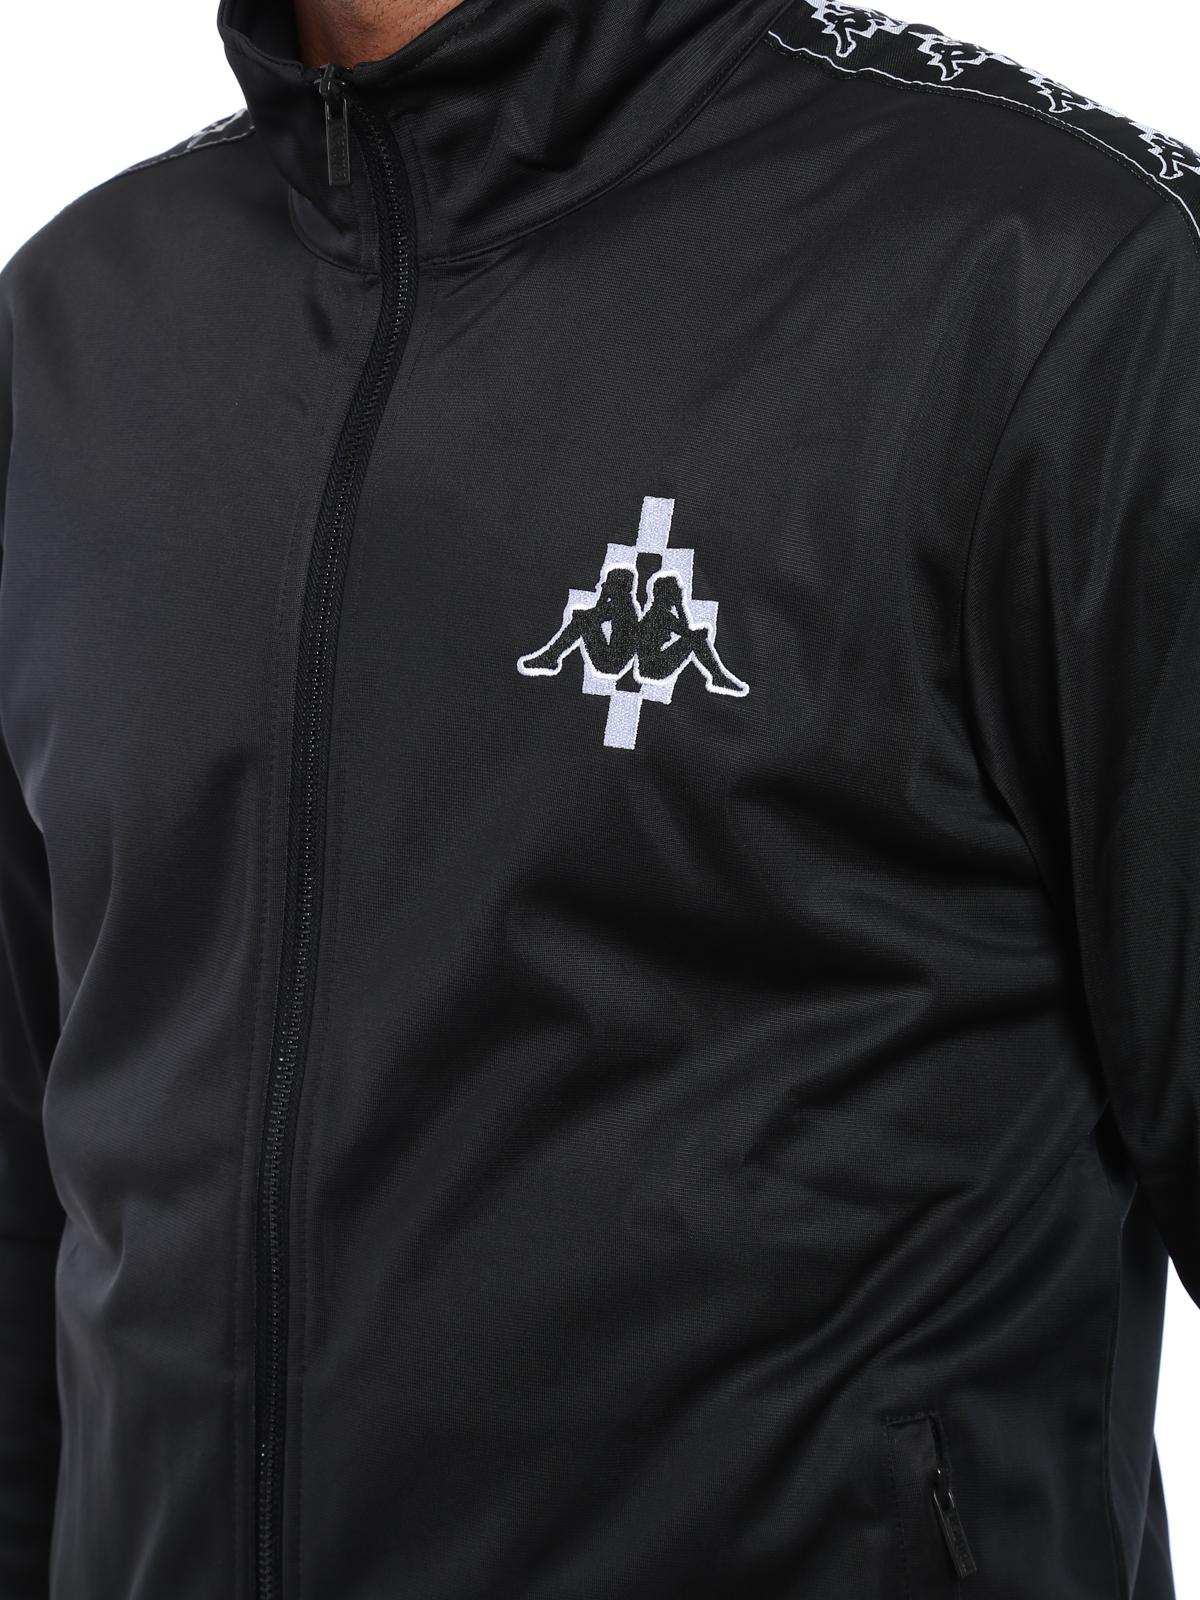 outlet 5cc25 e7d35 Marcelo Burlon - Kappa zipped sweatshirt - Sweatshirts ...